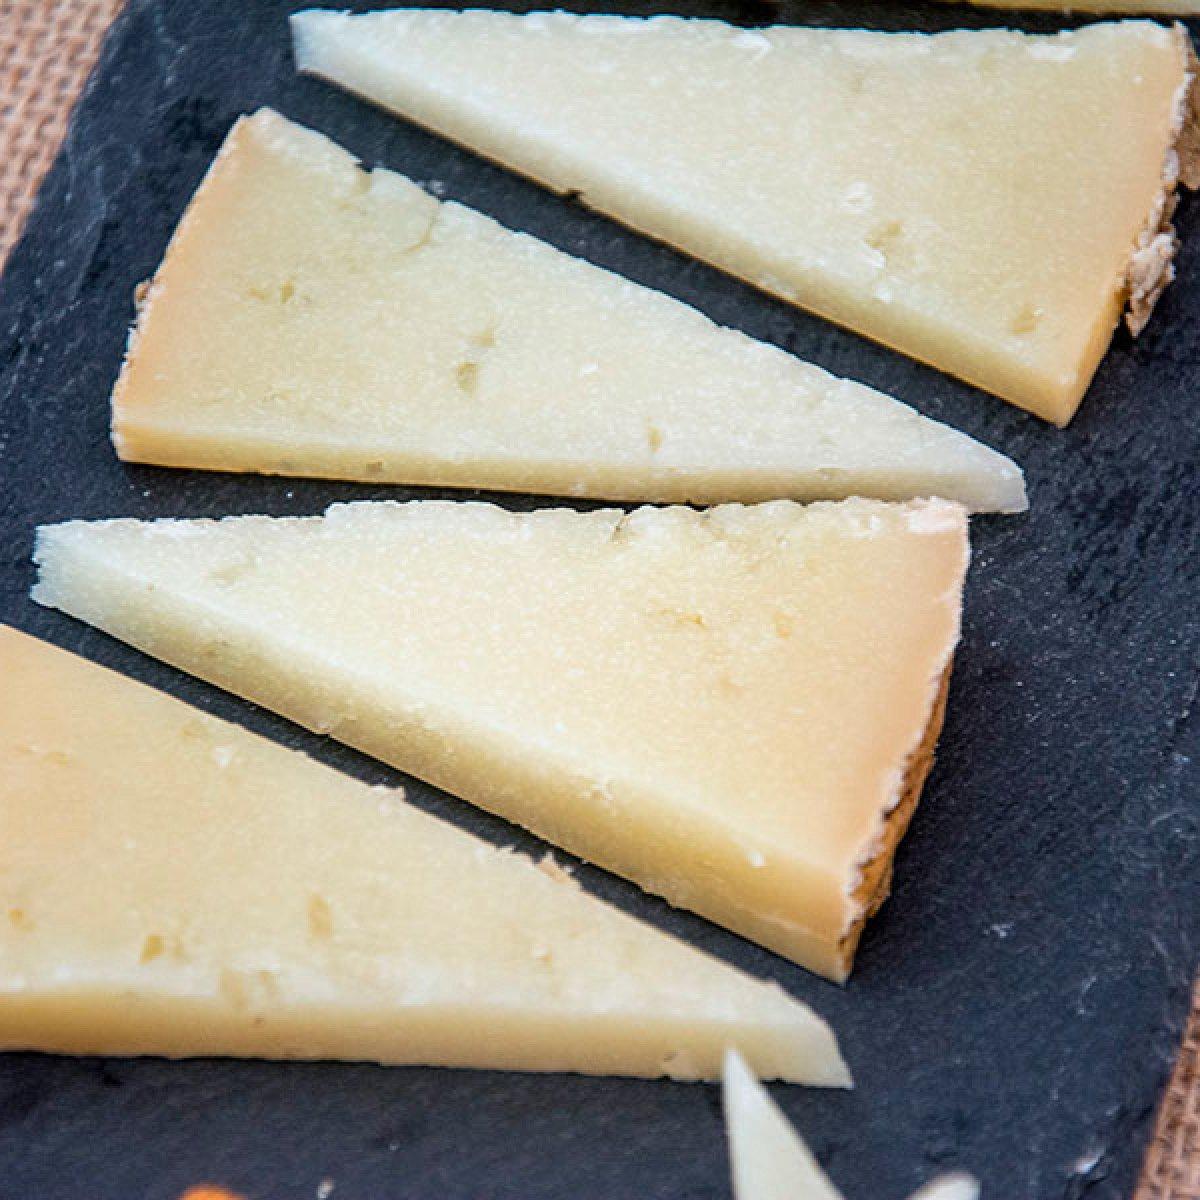 Cuña de queso de oveja curado